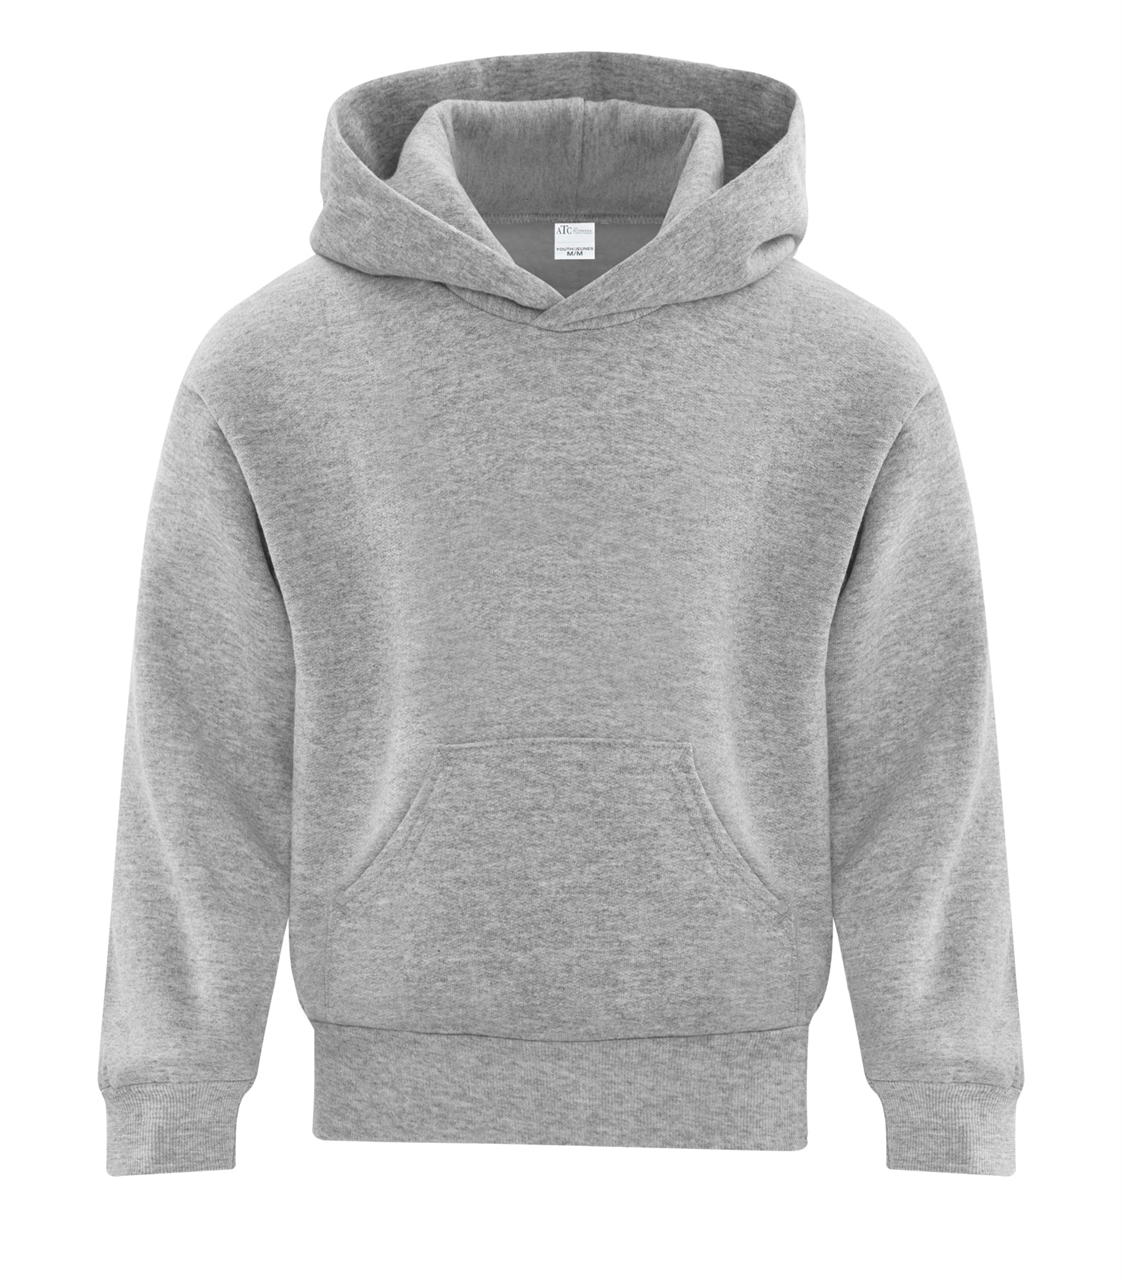 Picture of ATC Everyday Fleece Hooded Youth Sweatshirt